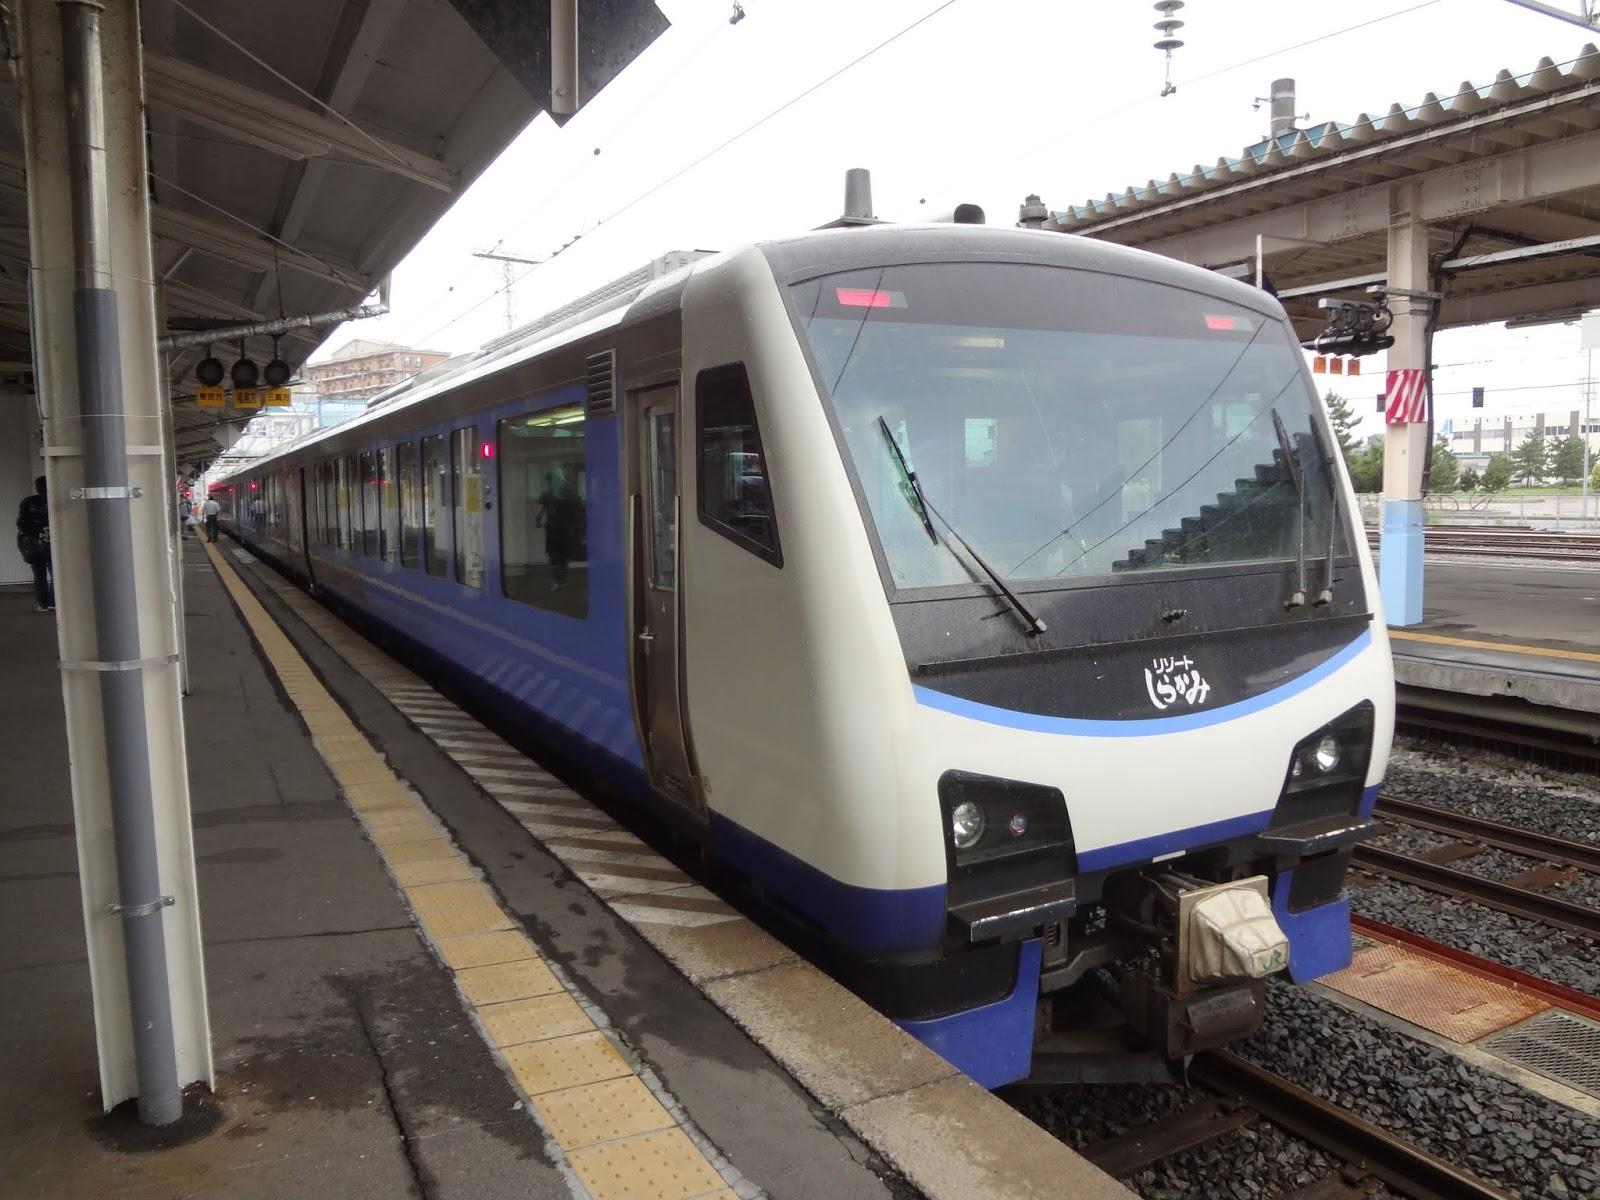 北海道&東日本パスで行く夏の北海道旅行 6日目